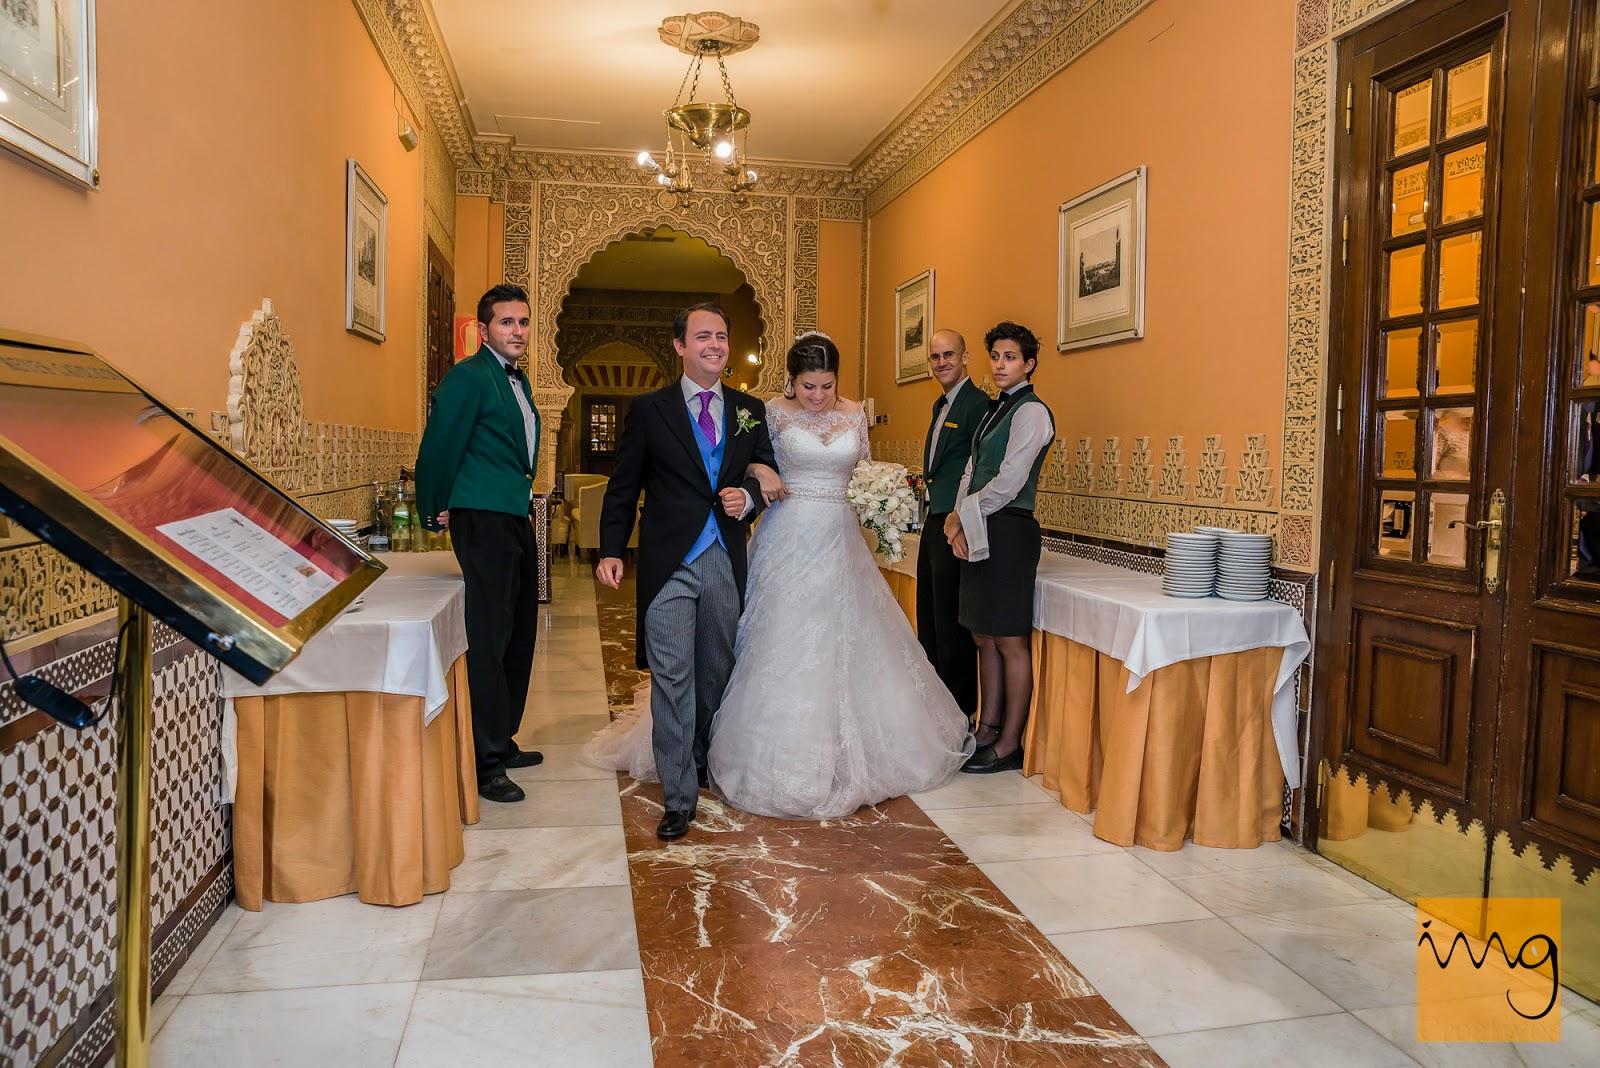 Fotografía de boda, entrada al comedor.